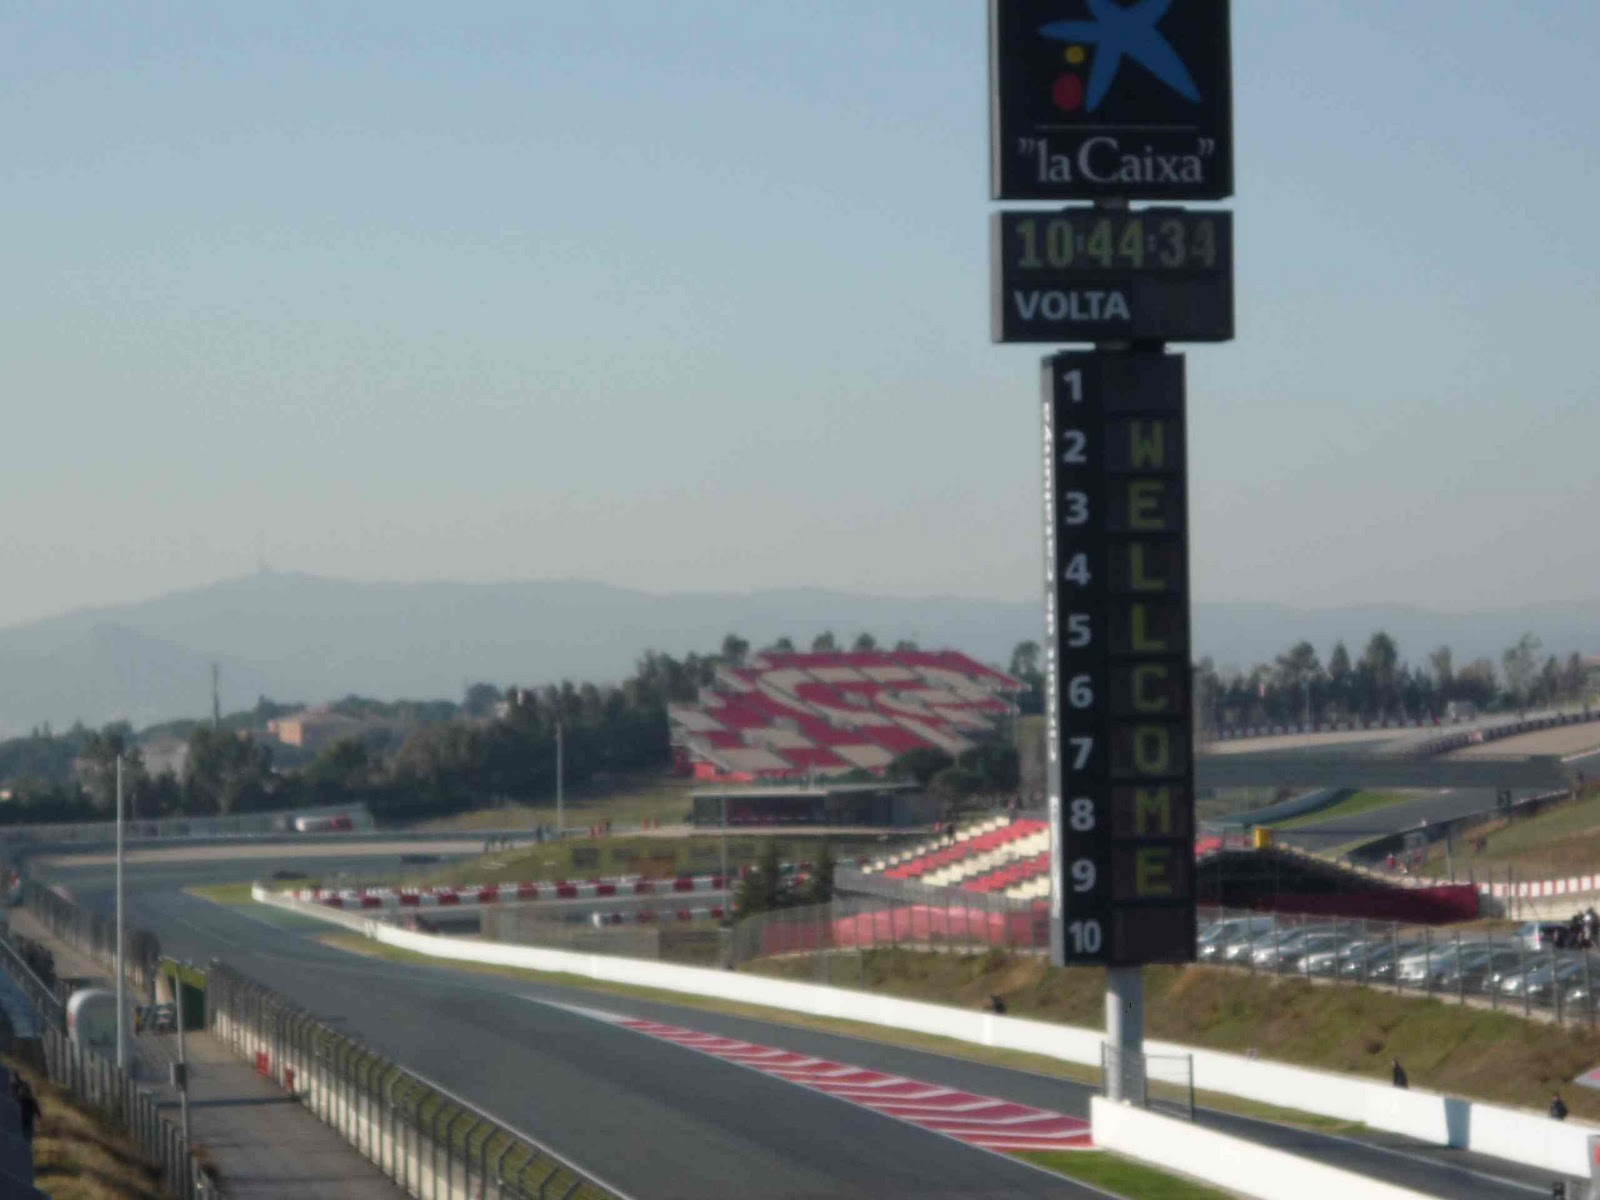 Circuito Montmelo : Parrilla de salida fórmula test f circuito montmelo